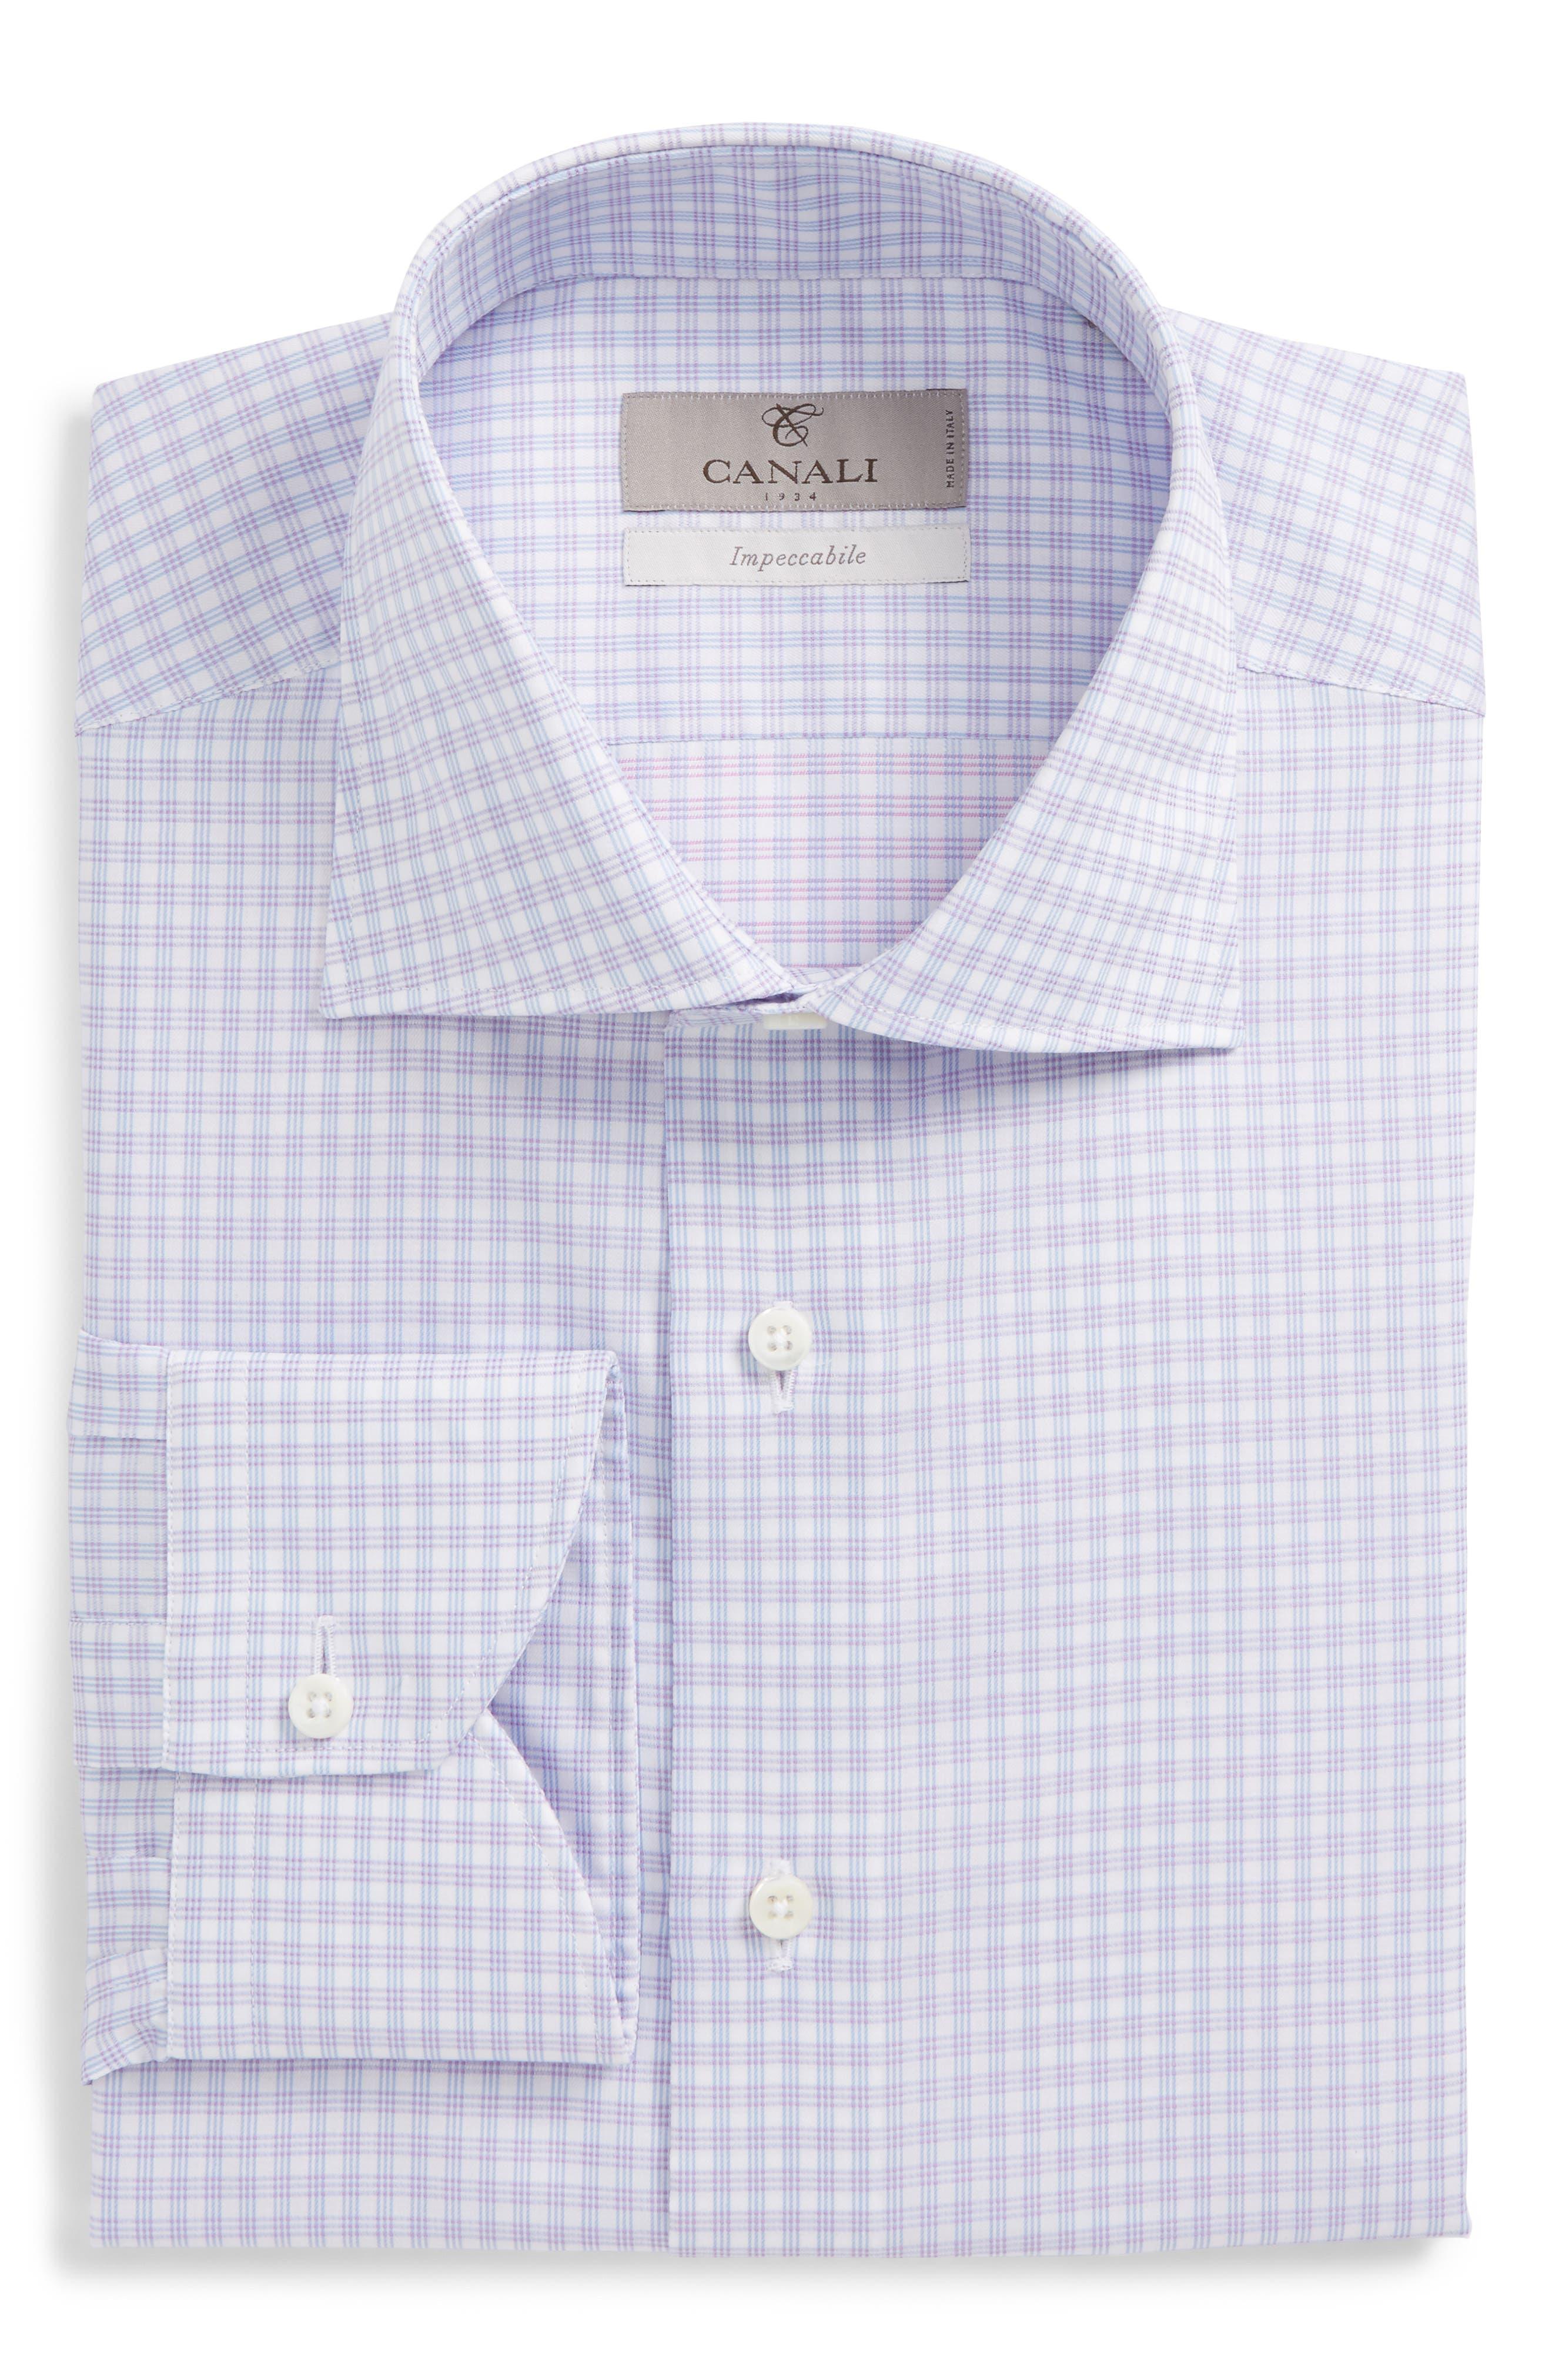 Regular Fit Check Dress Shirt,                             Main thumbnail 1, color,                             500